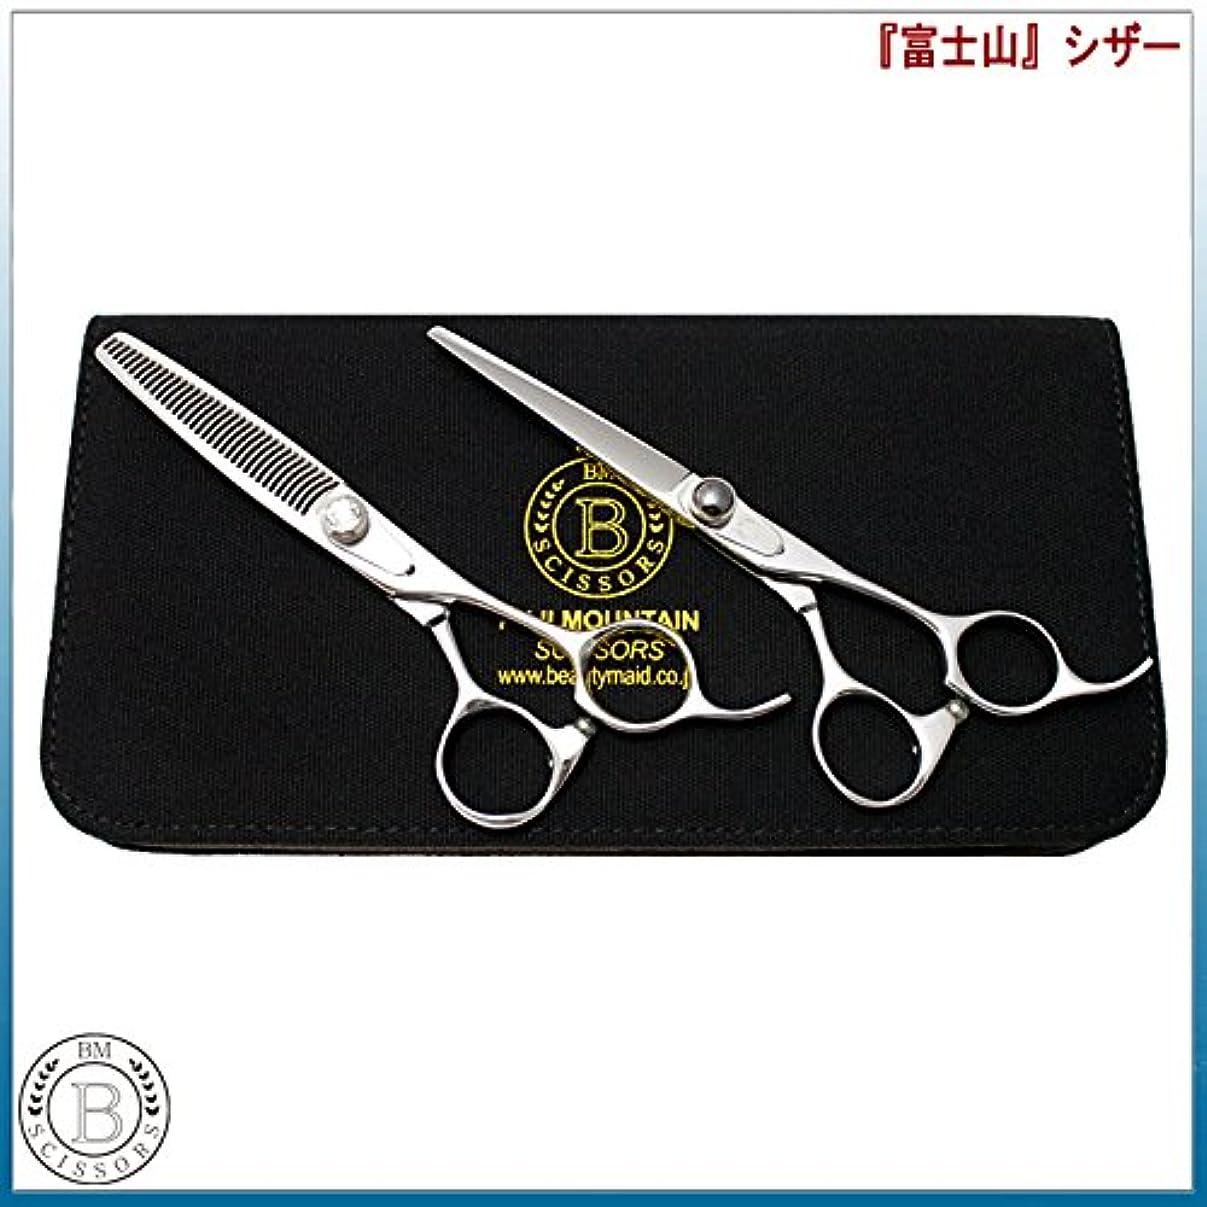 ランデブーアルミニウムクライストチャーチケープ付き 美容プロ仕様 高級散髪ハサミ2本セット+ケース